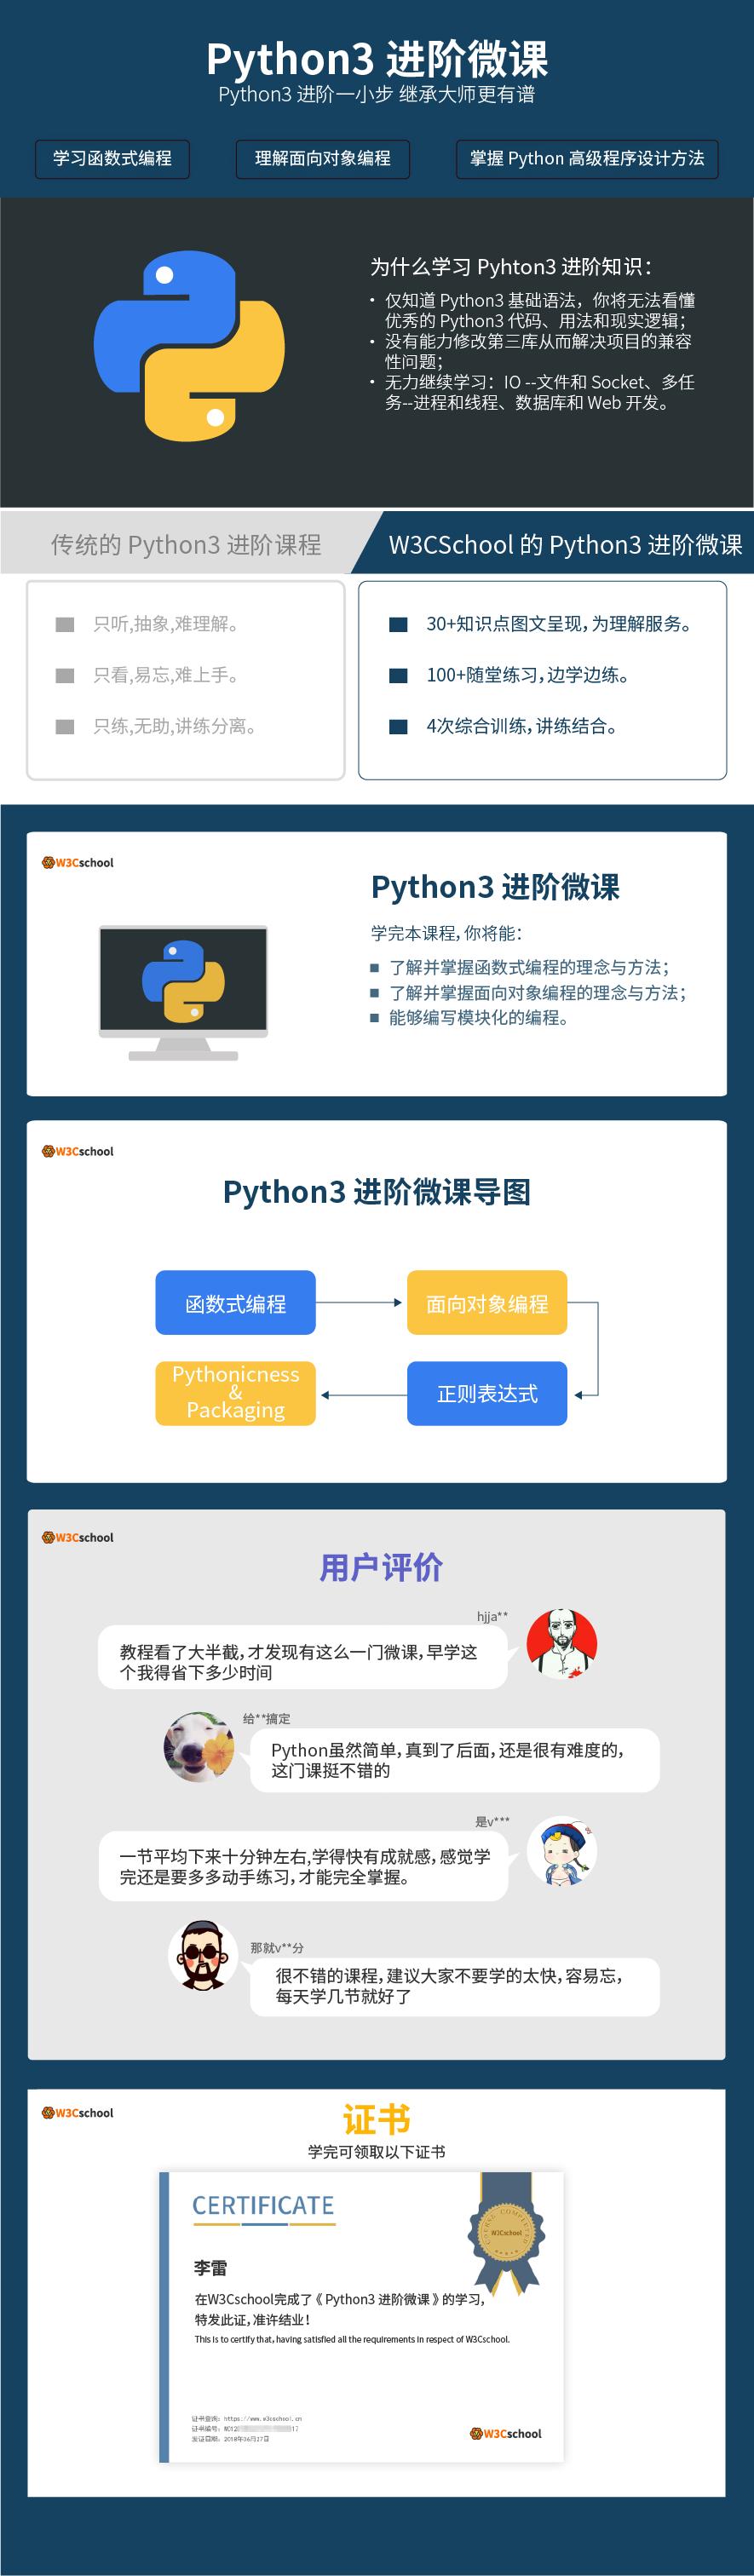 微课详情页_Python3 进阶微课